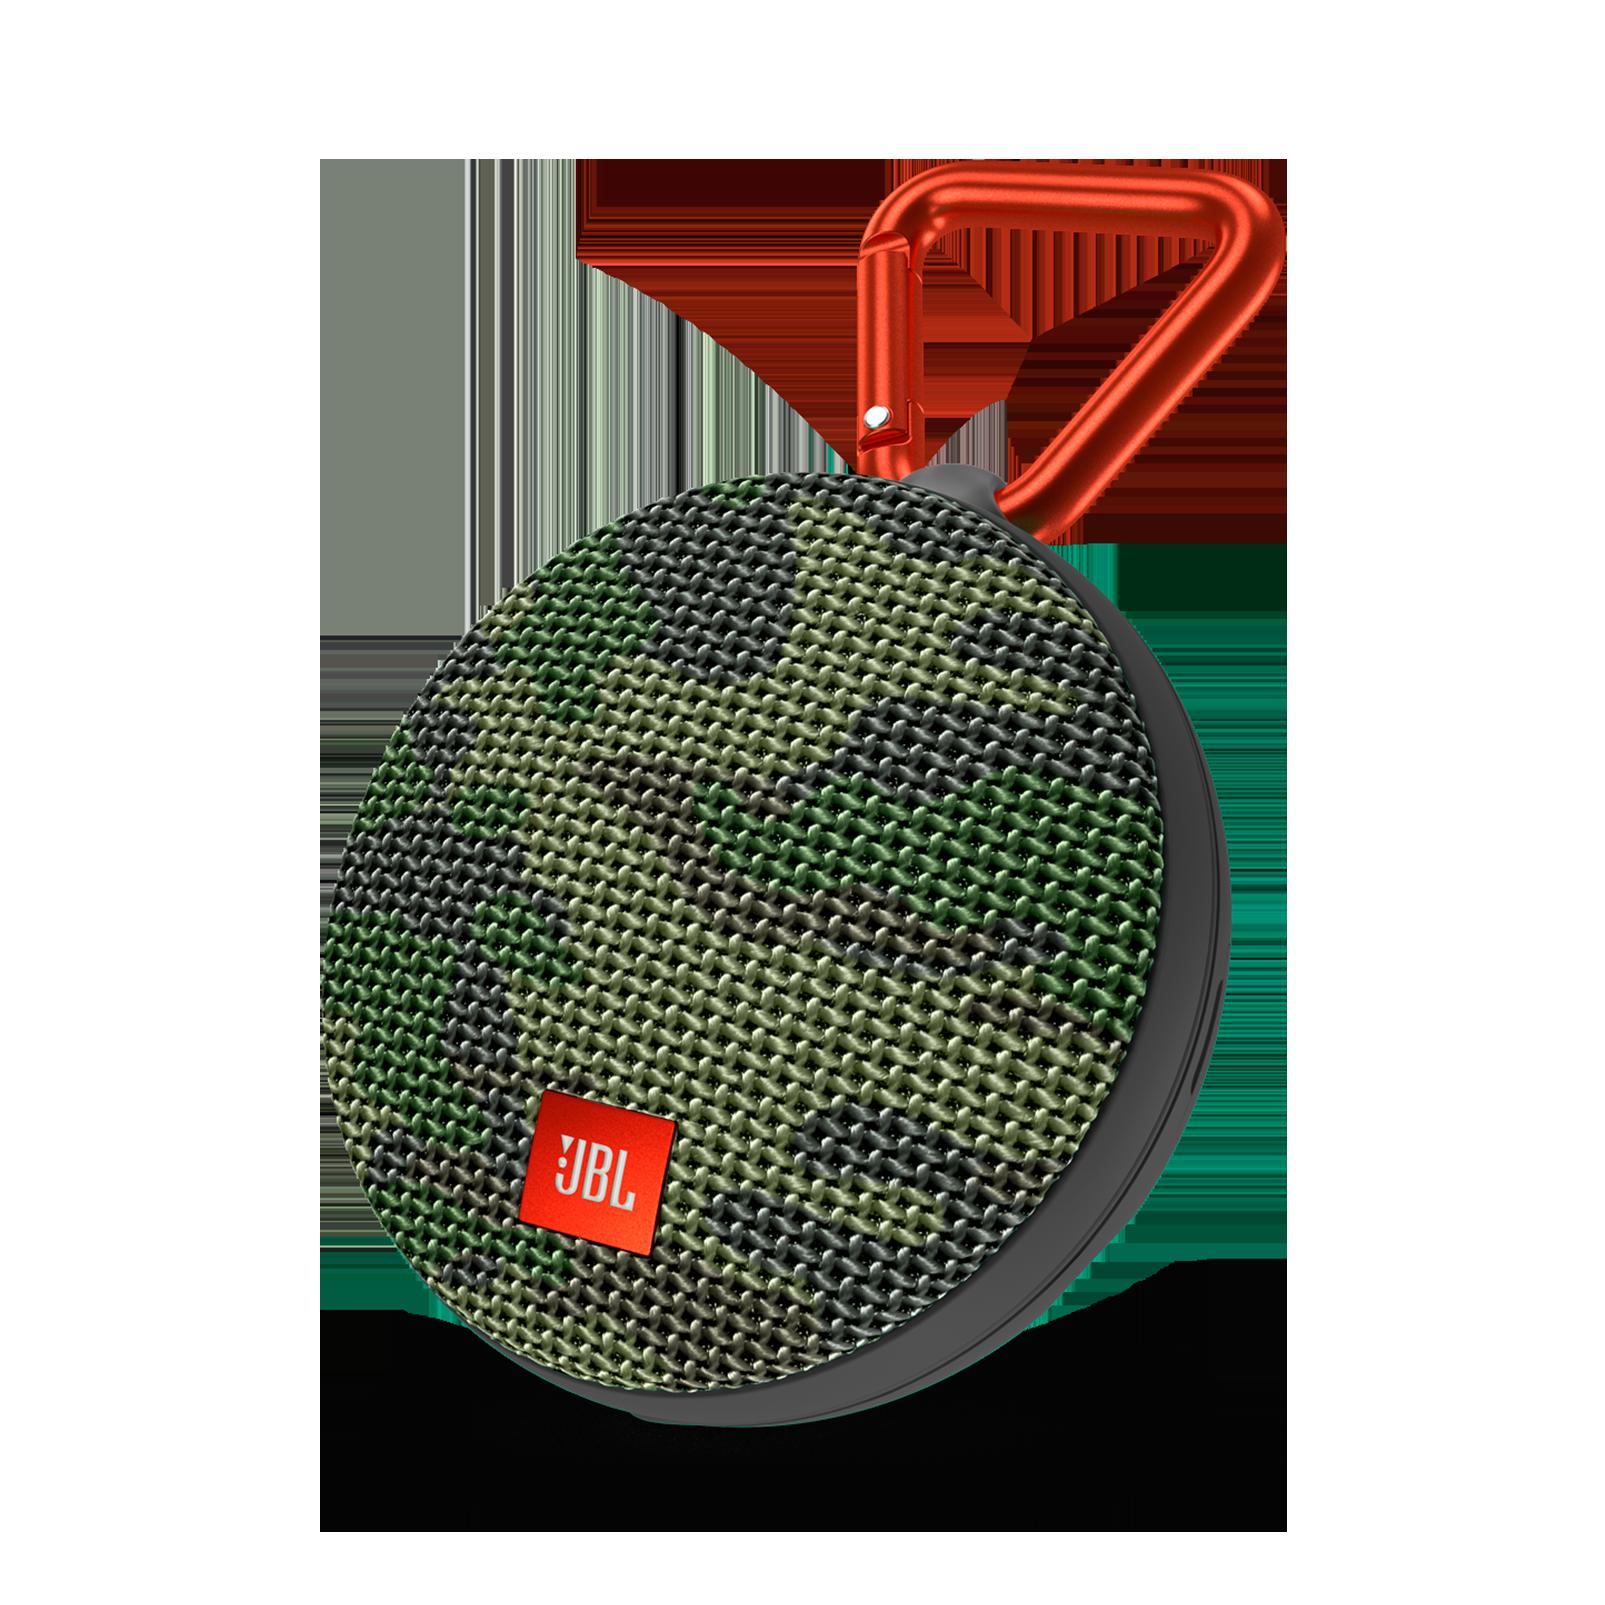 jpg free Vampires clip waterproof wire. Jbl ultra portable bluetooth